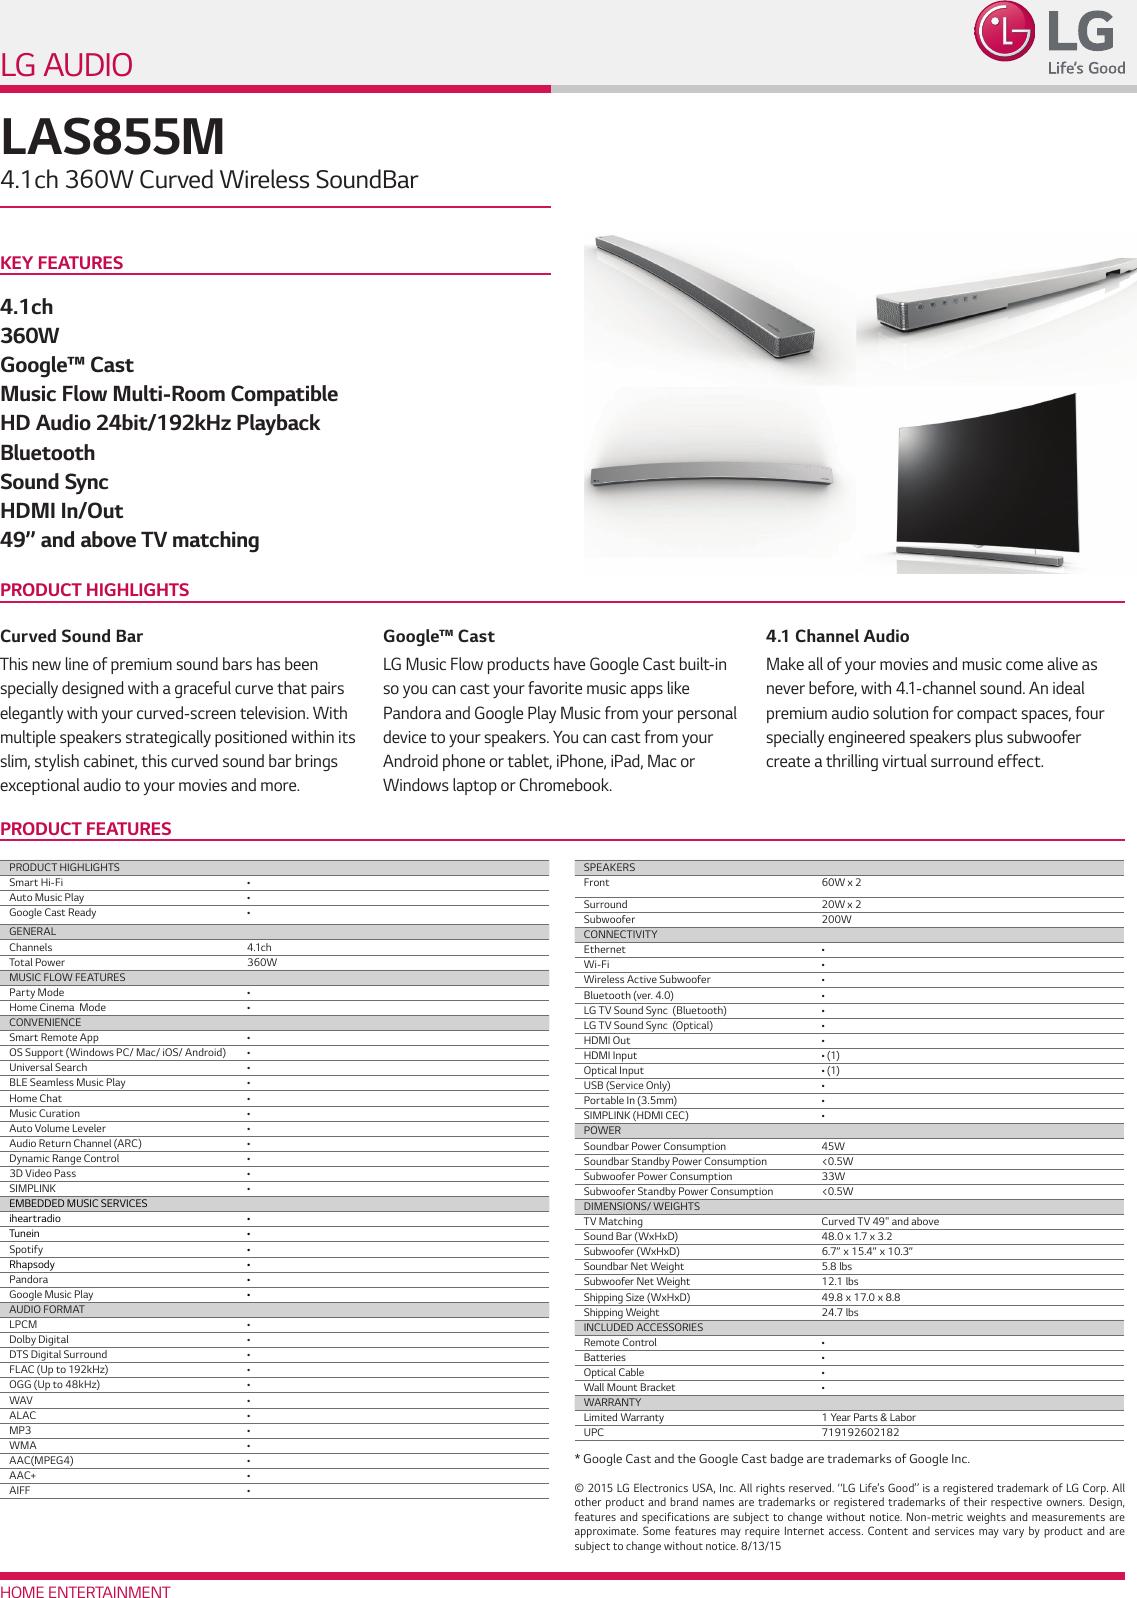 LG LAS855M User Manual Specification Spec Sheet